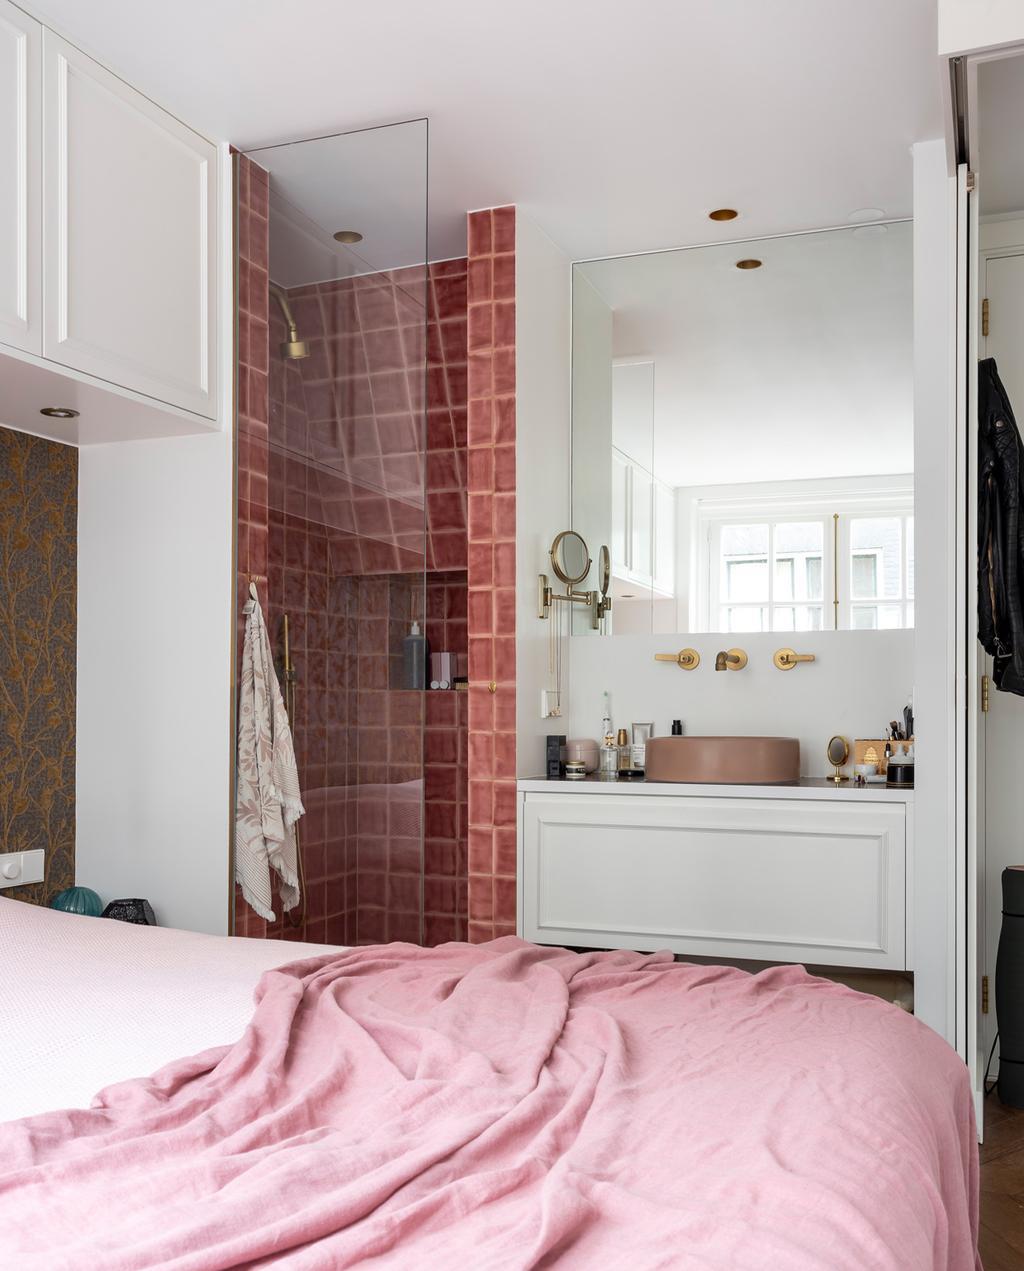 vtwonen special tiny houses | slaapkamer met hotelallure met roze dekbedovertrek